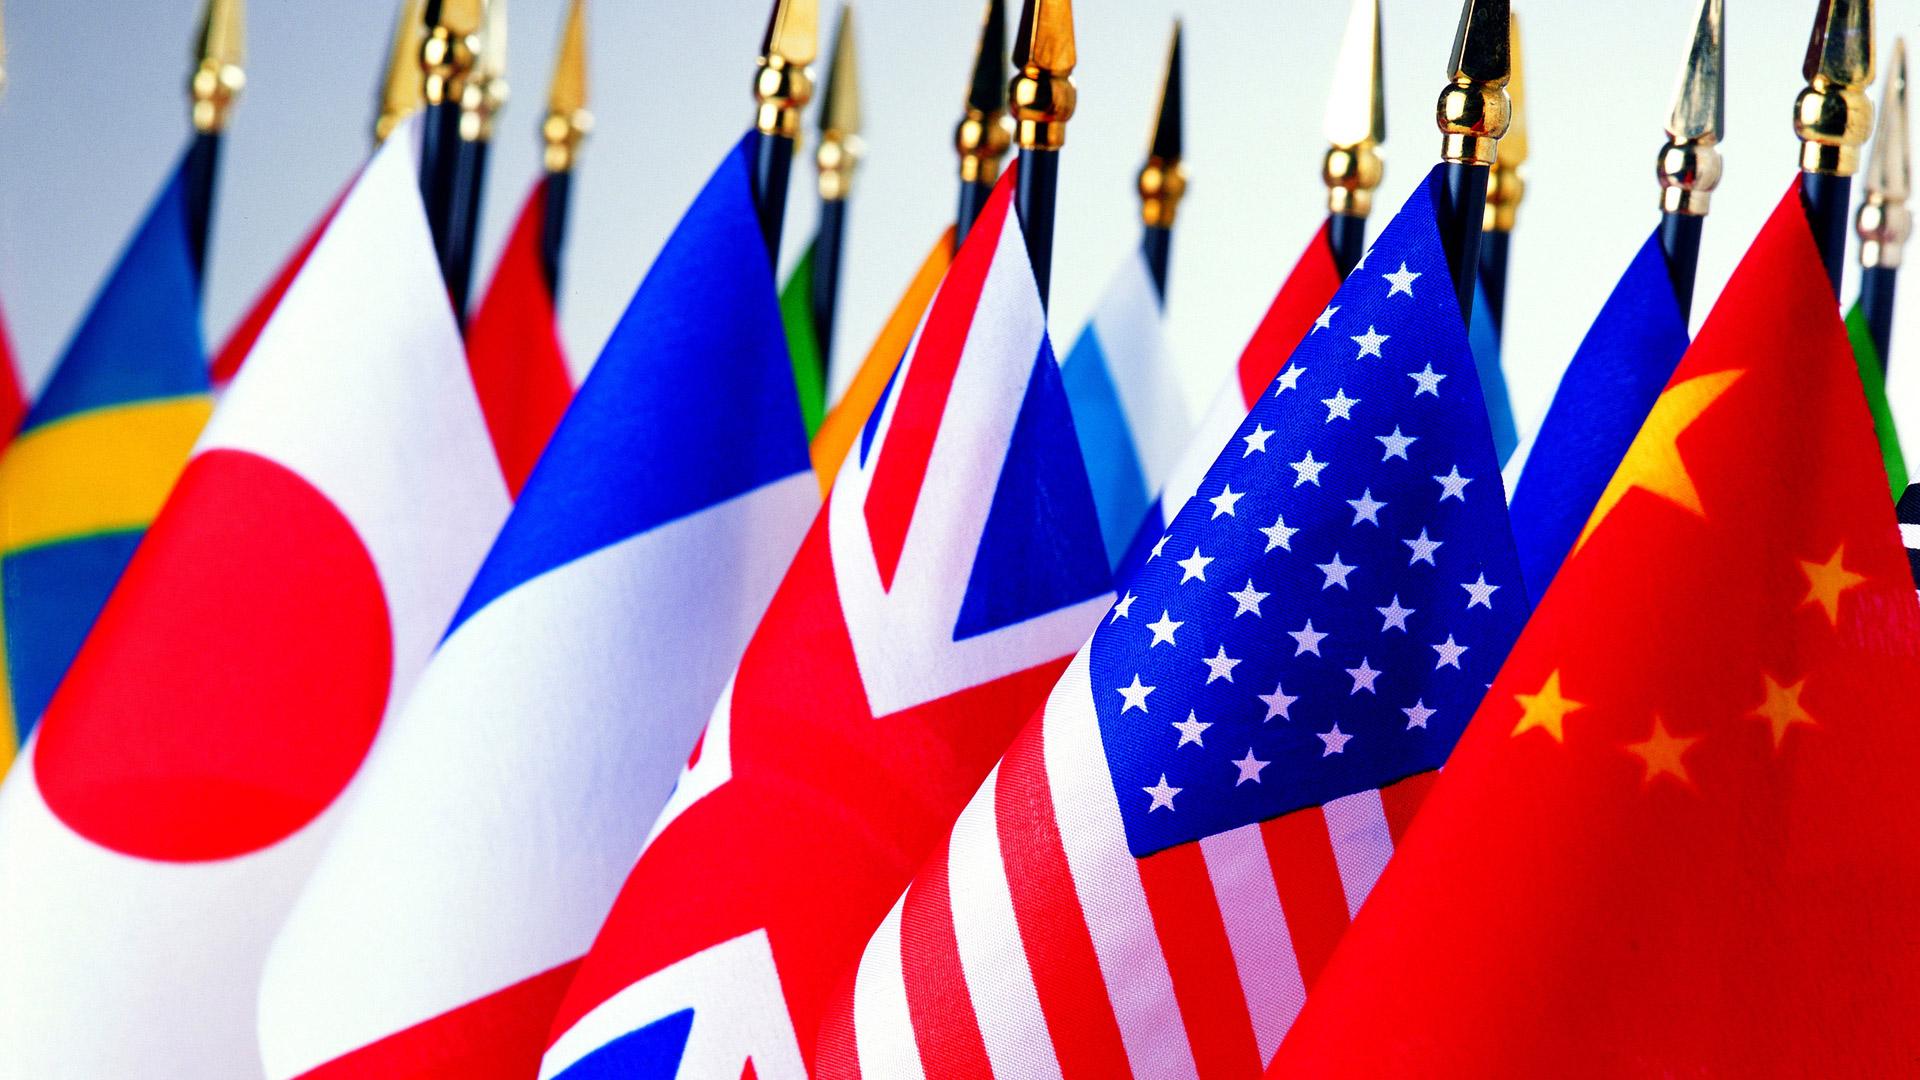 Обои флаги государств флаги